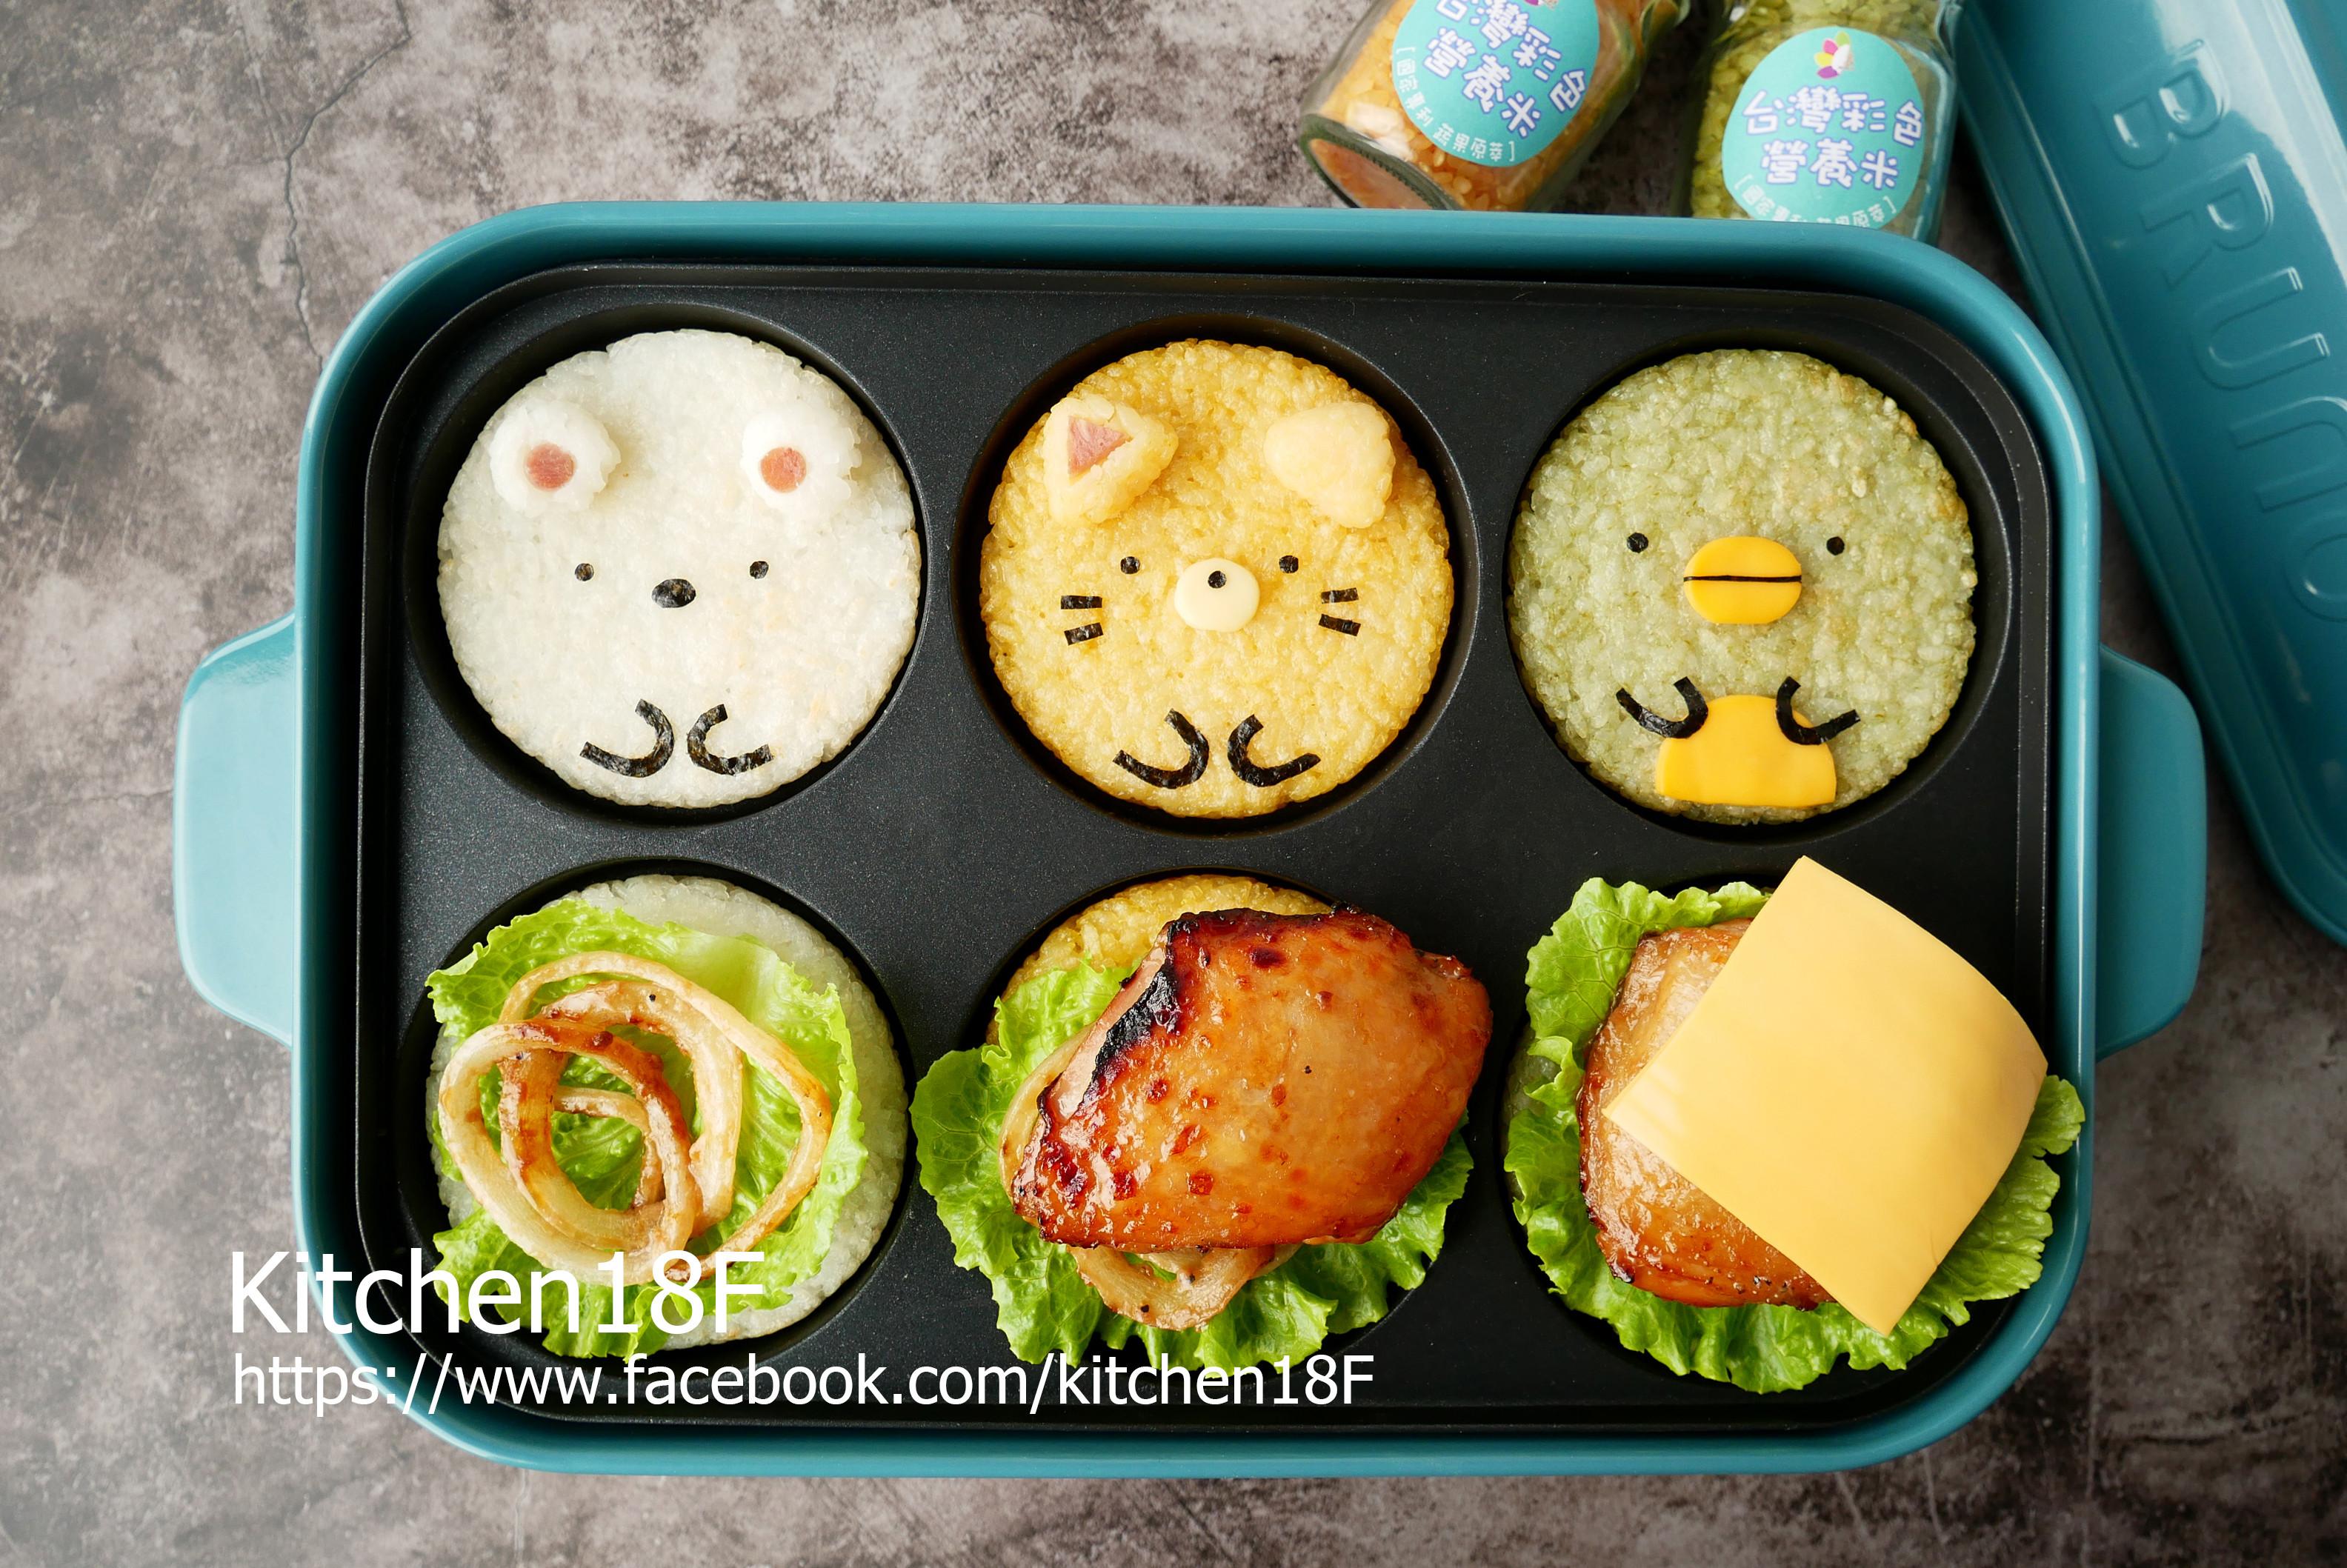 角落生物蜜汁雞腿米漢堡_BRUNO電烤盤